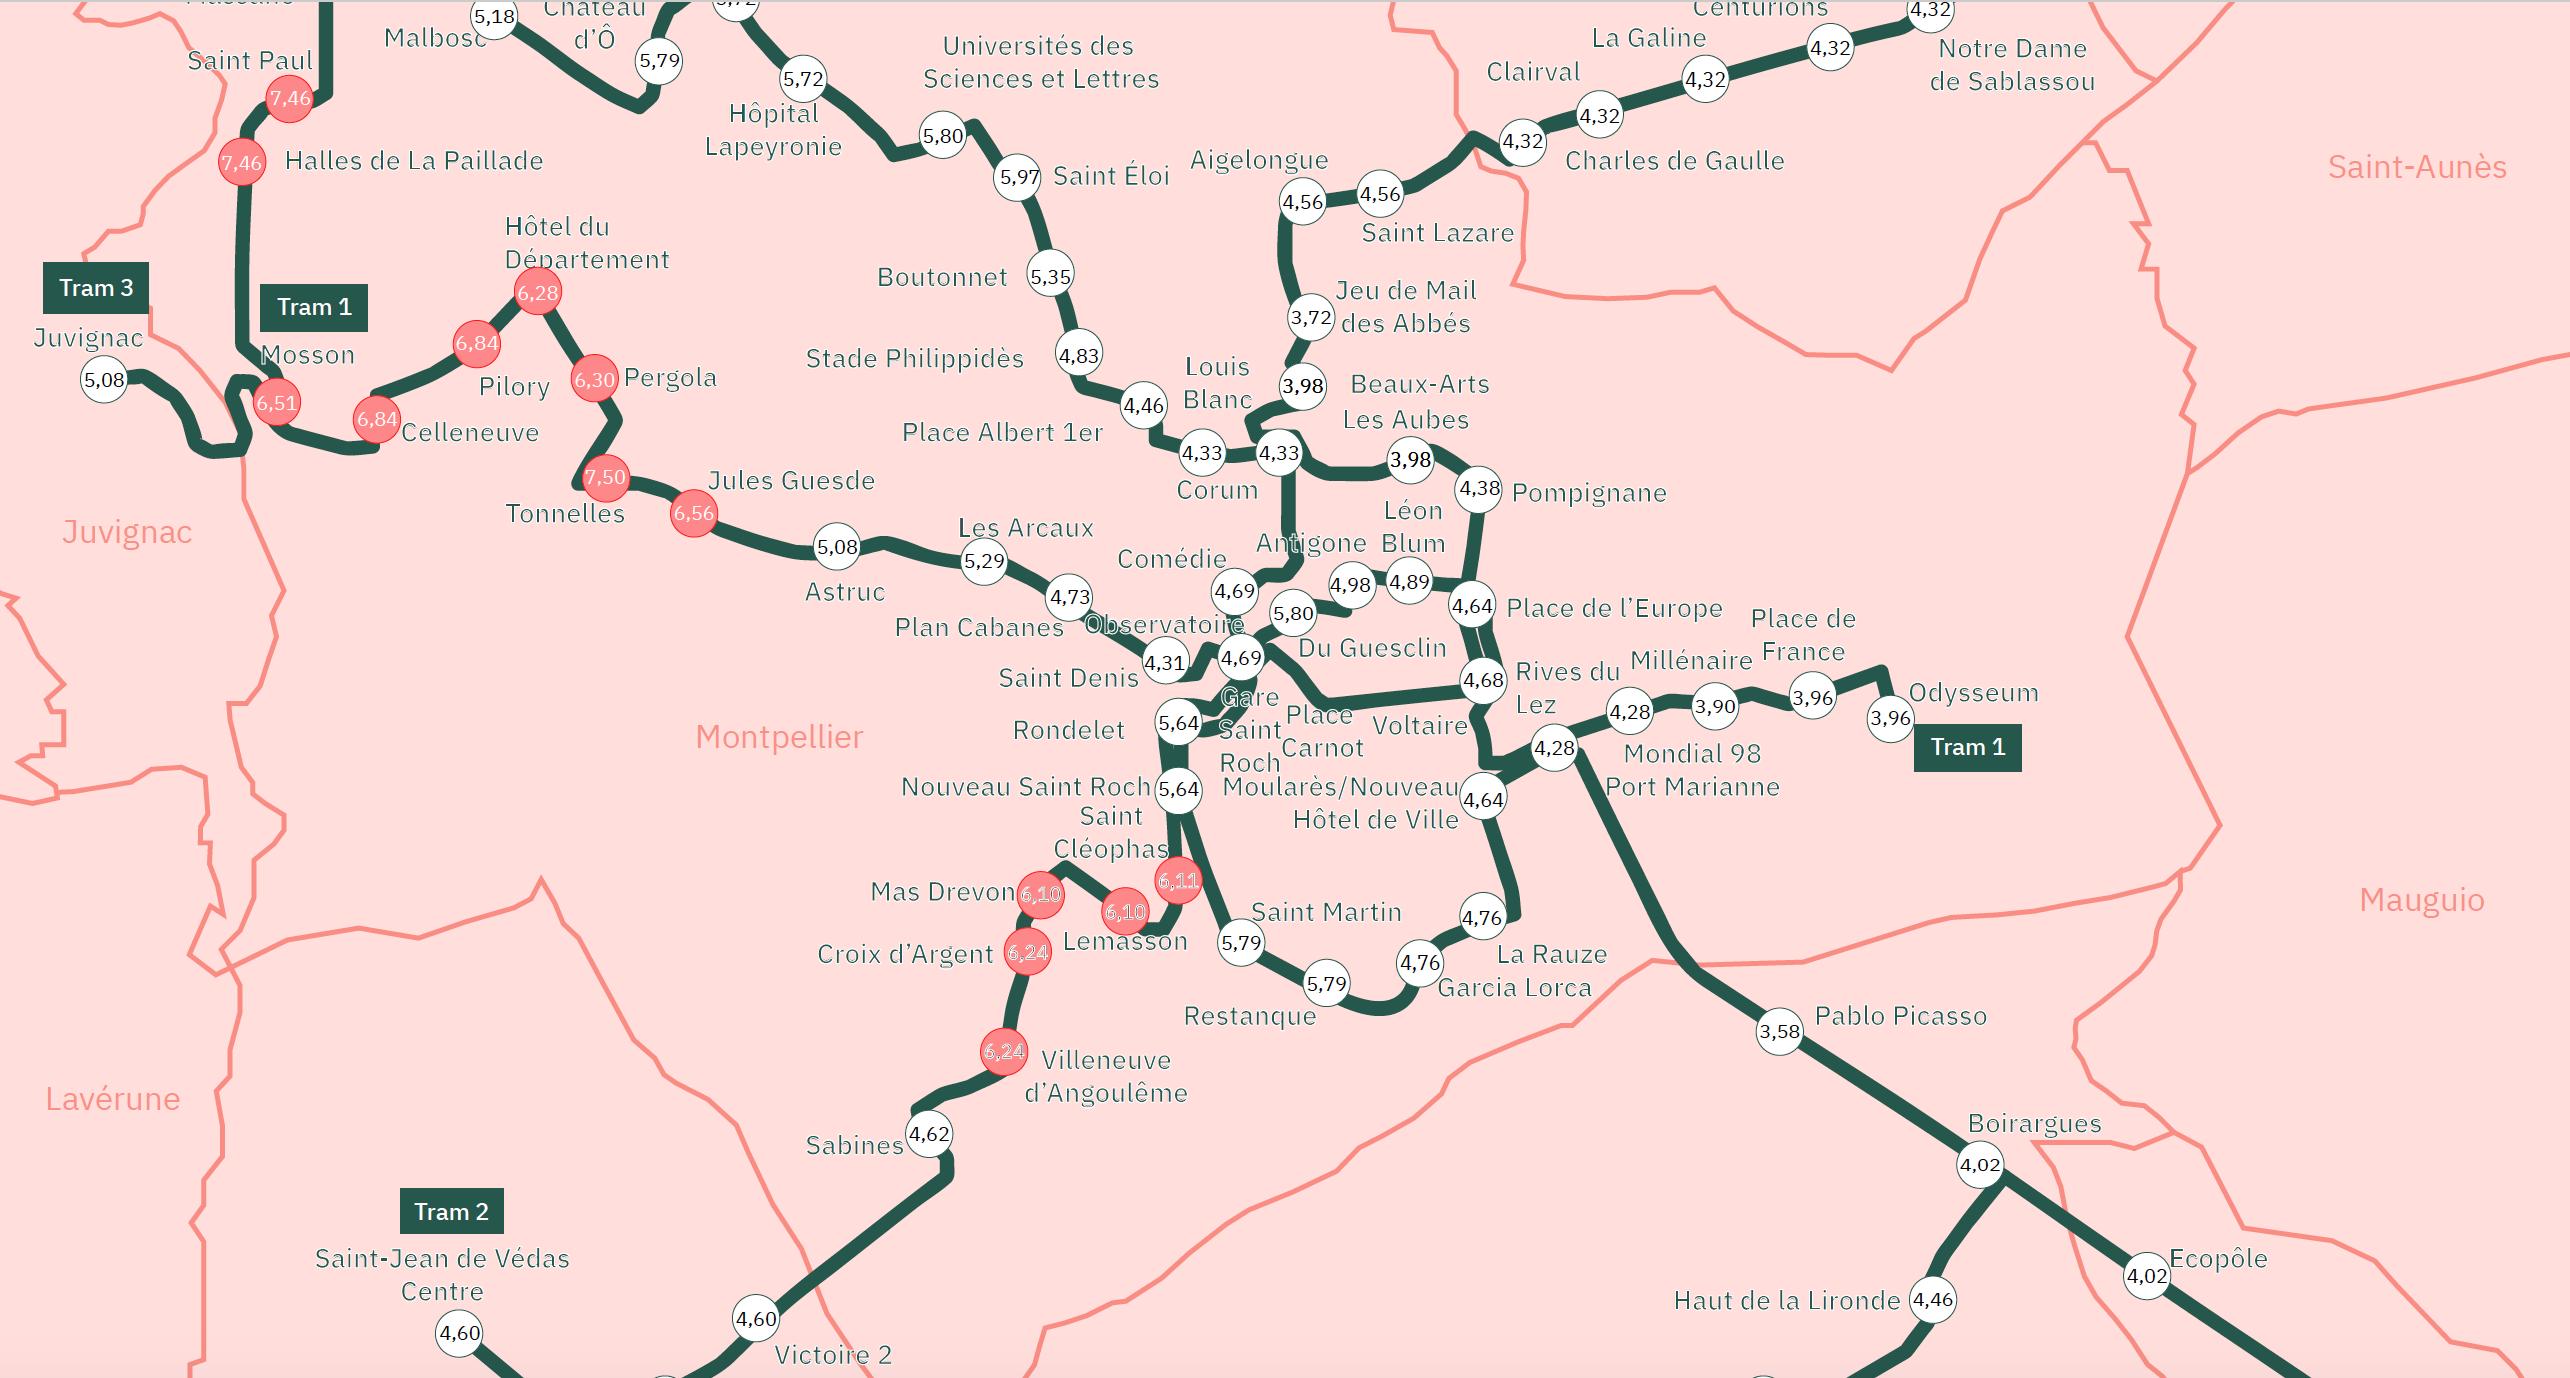 Carte de rendement locatif à Montpellier